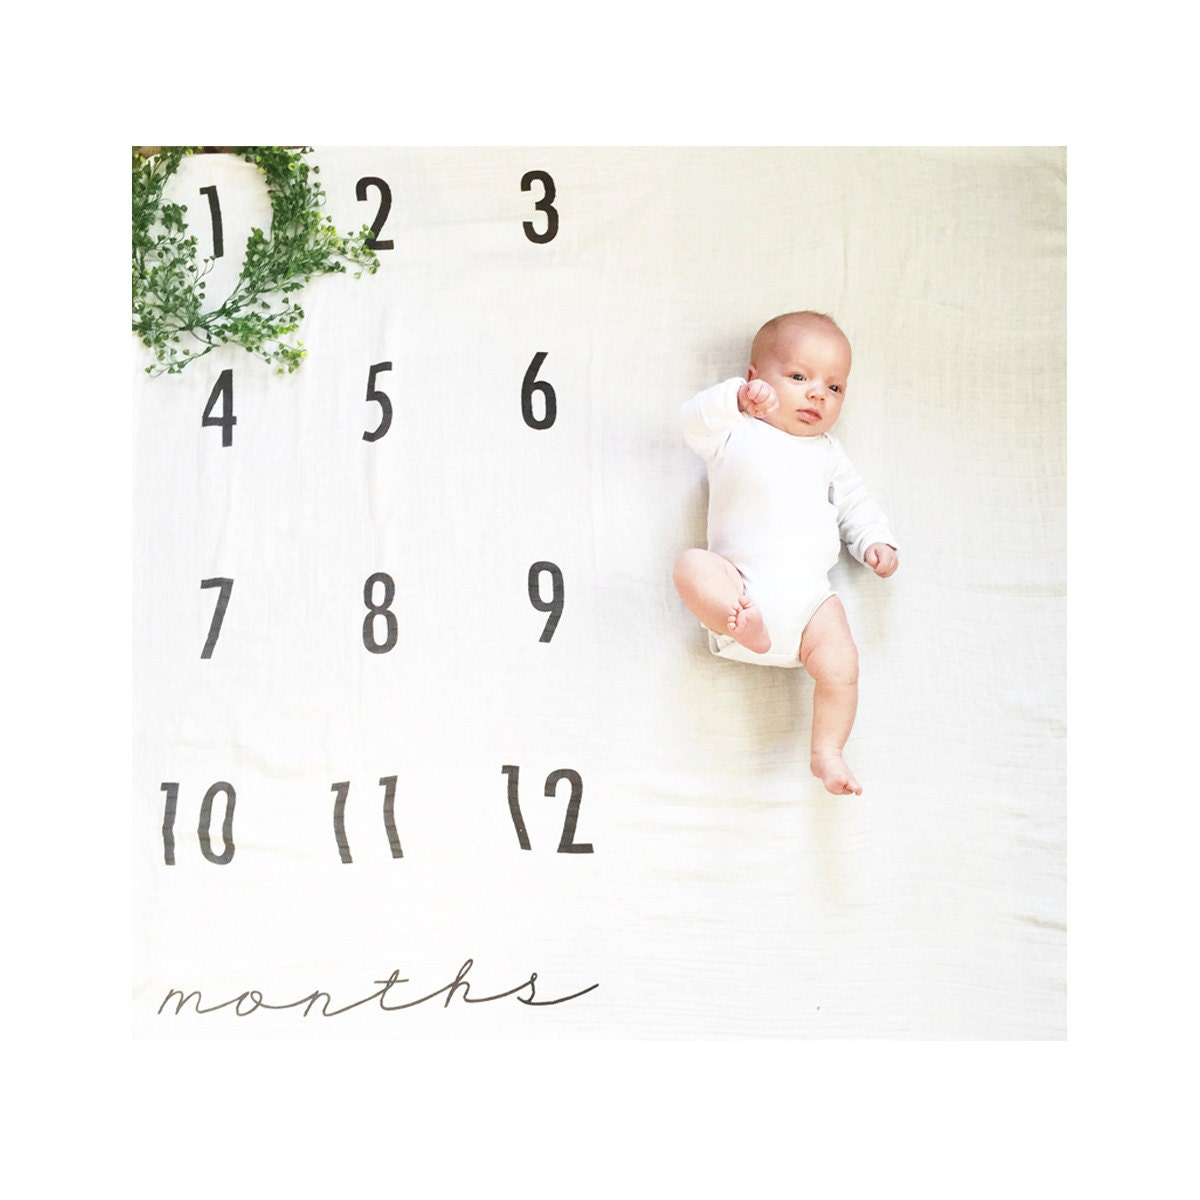 Baby monthly milestone blanket 169 organic cotton muslin by batzkids